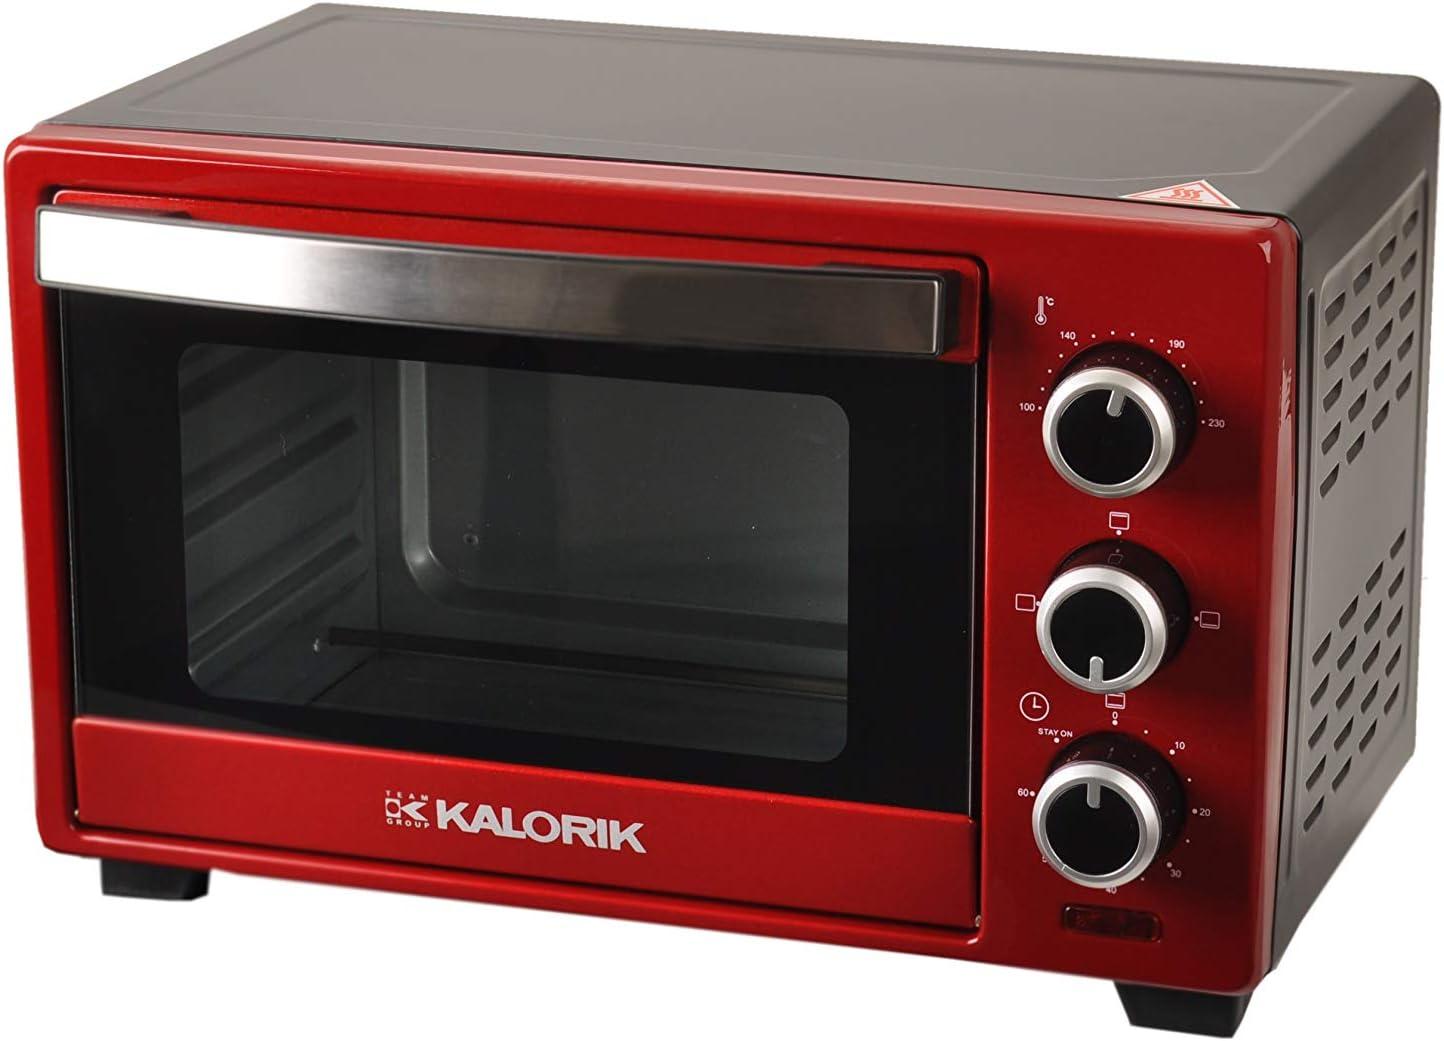 rot 1280 W 16 L Ober-// Unterhitze Team Kalorik Backofen TKG OT 2003 RD